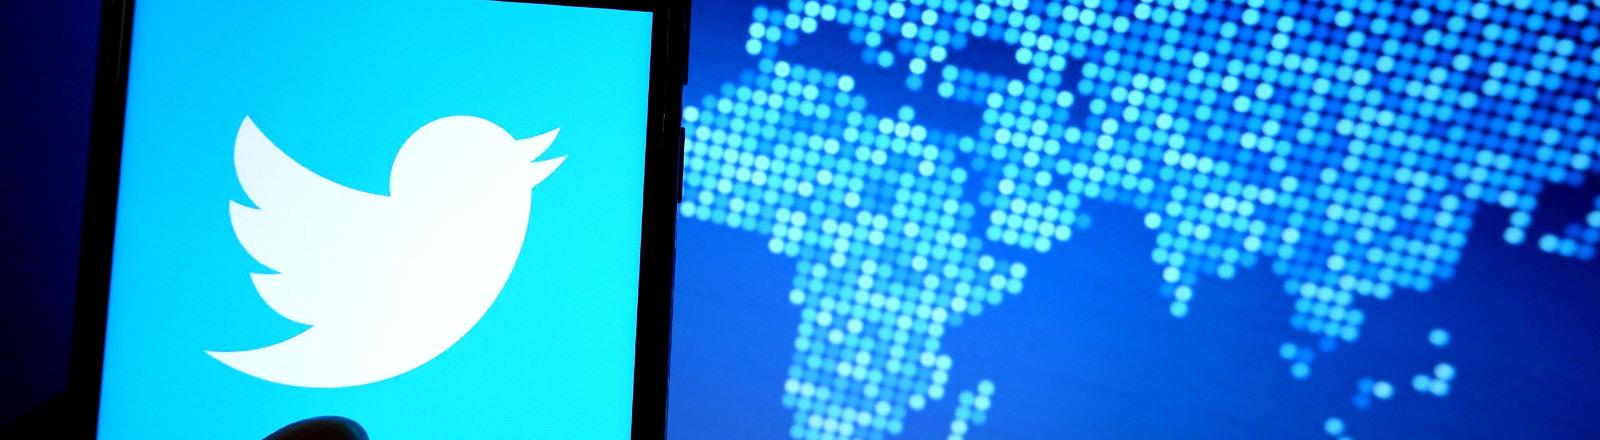 Twitter-Logo vor animierter Weltkarte